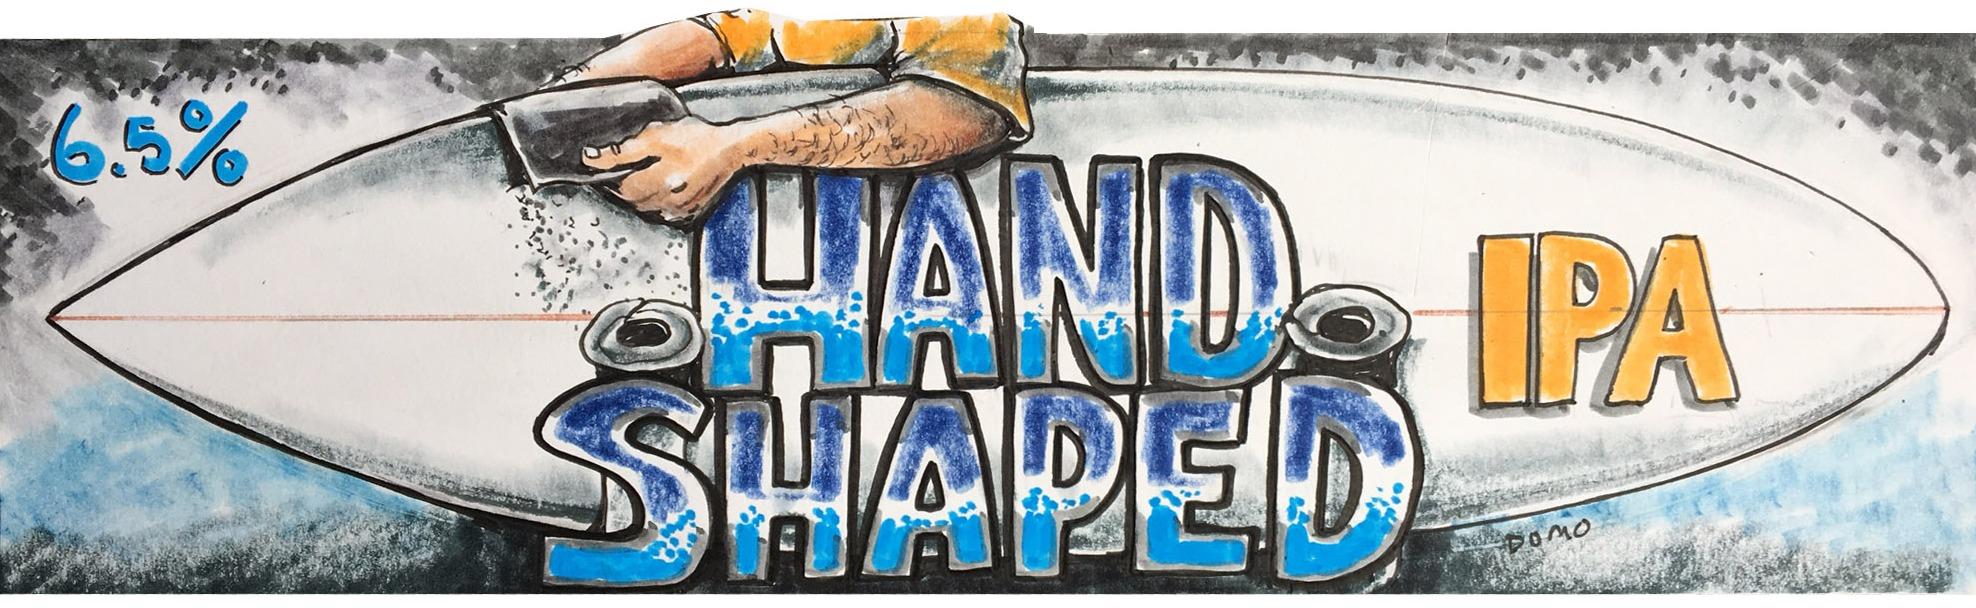 Hand Shaped